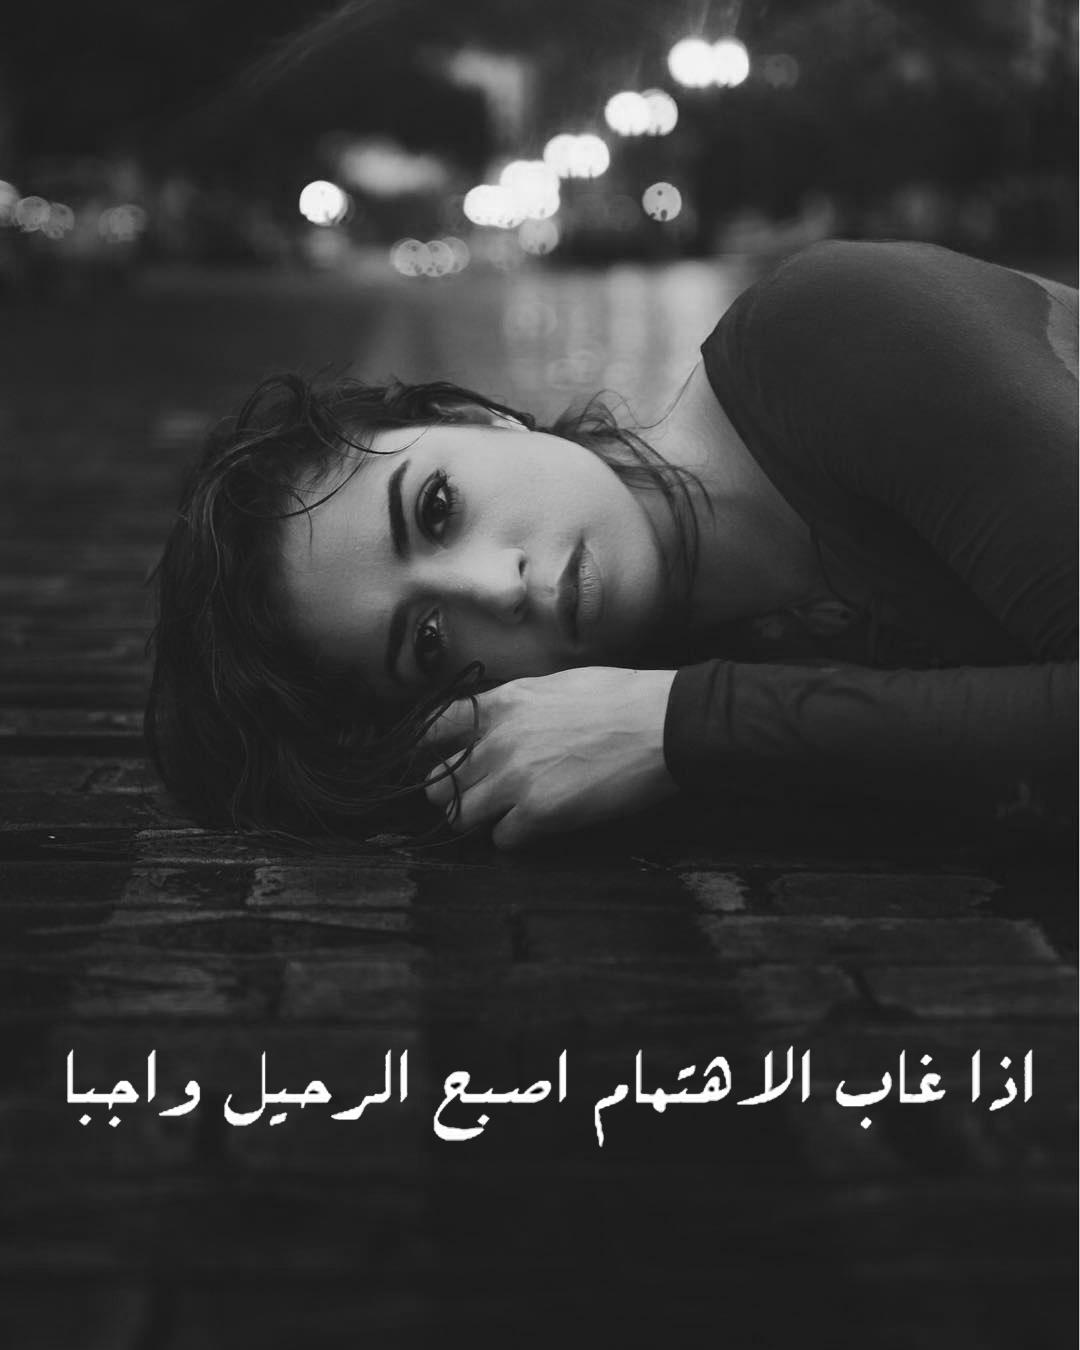 صورة كلام وجع من الدنيا , اتحداك لا تبكي بعد قراءة هذه الرسائل